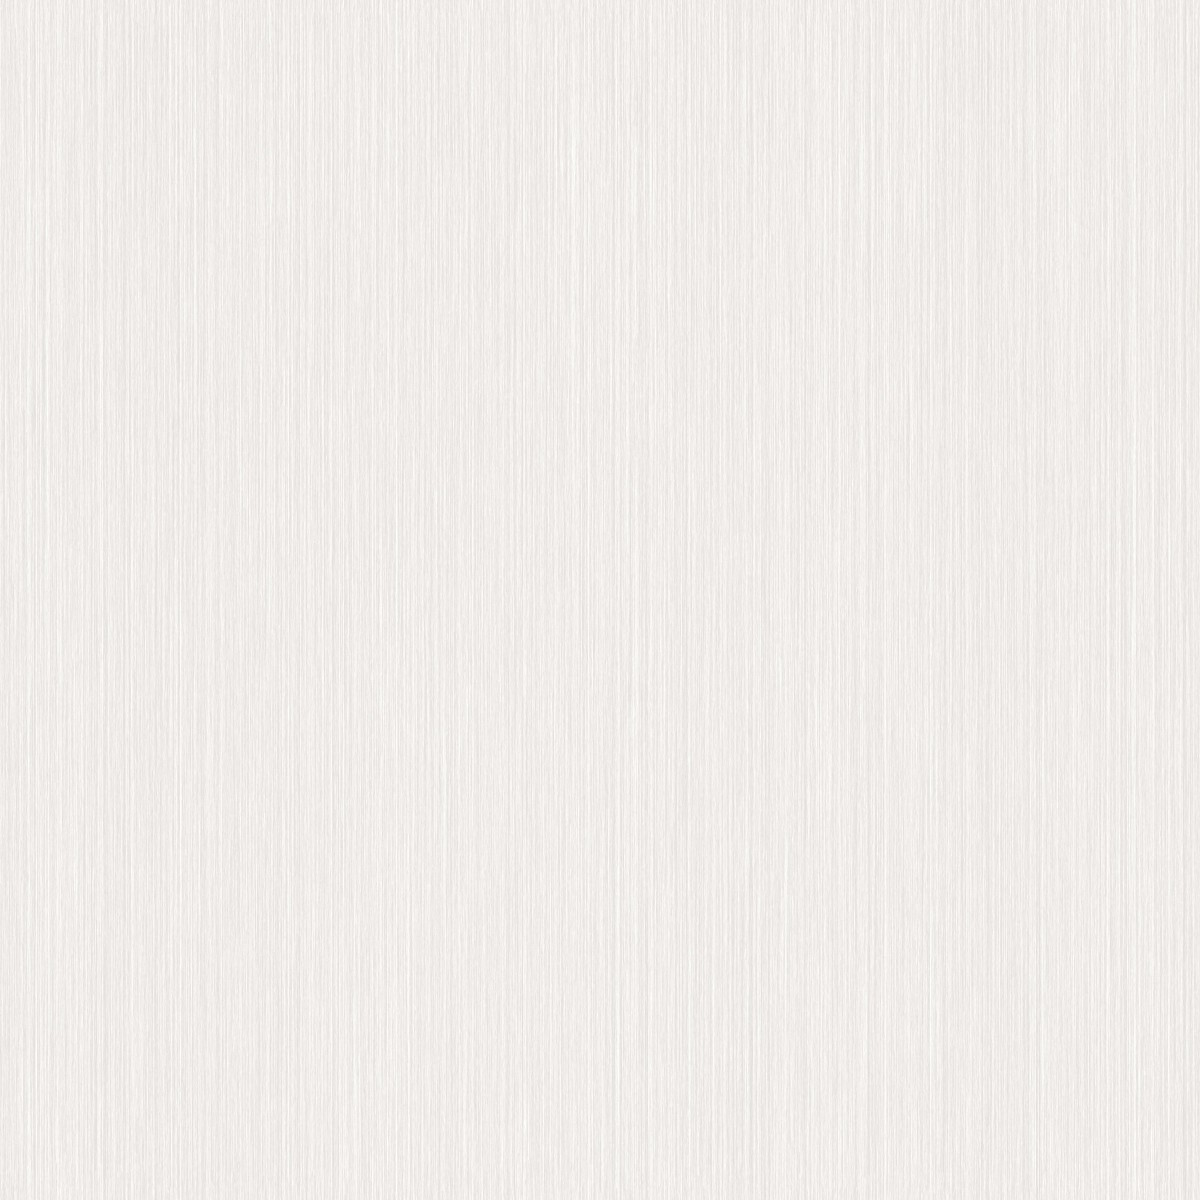 Обои флизелиновые Decoprint Spectrum белые 0.53 м SP18200